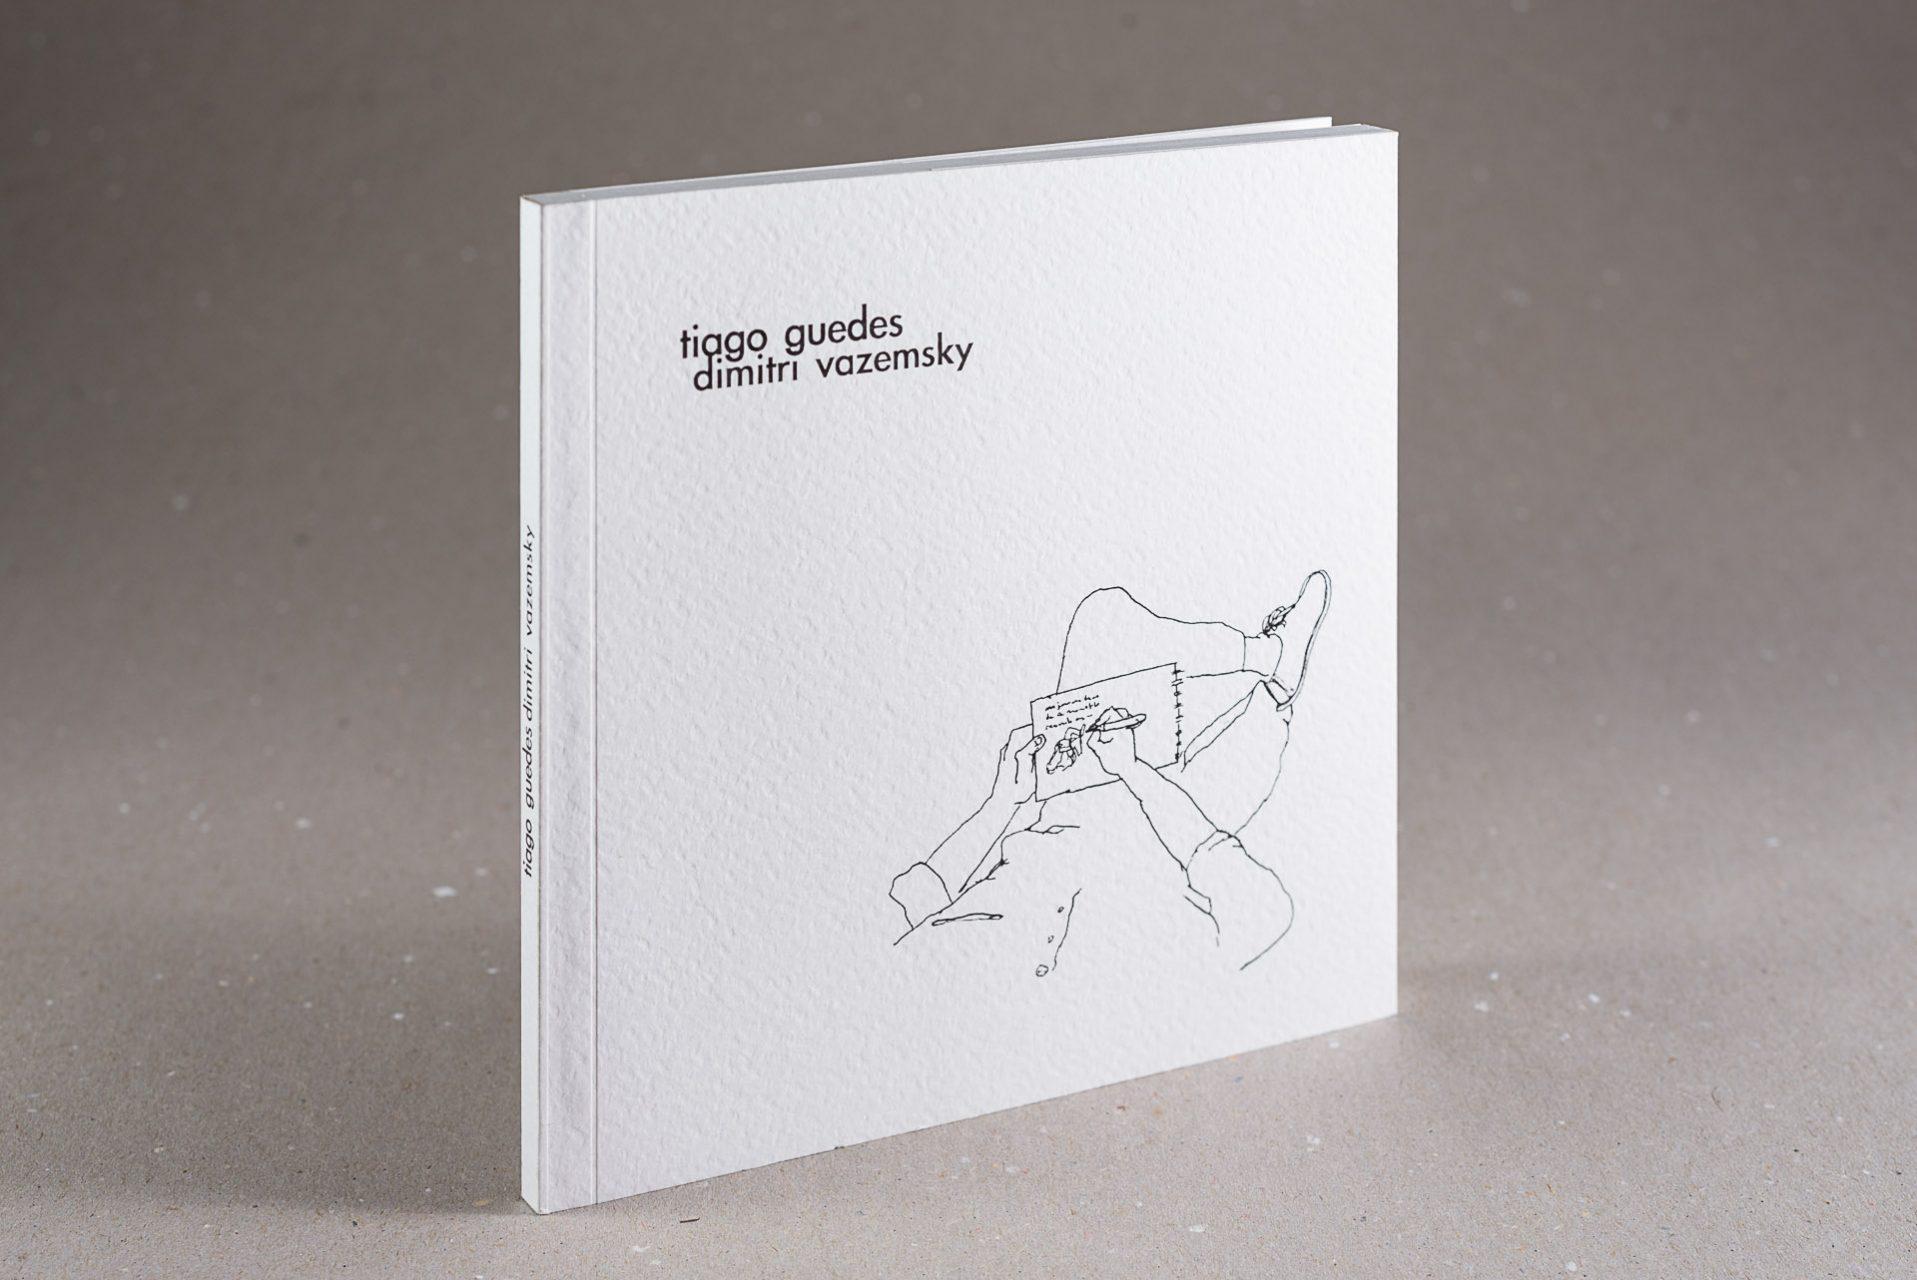 web-hd-nuit-myrtide-livre-tiago-guedes-dimitri-vazemsky-01